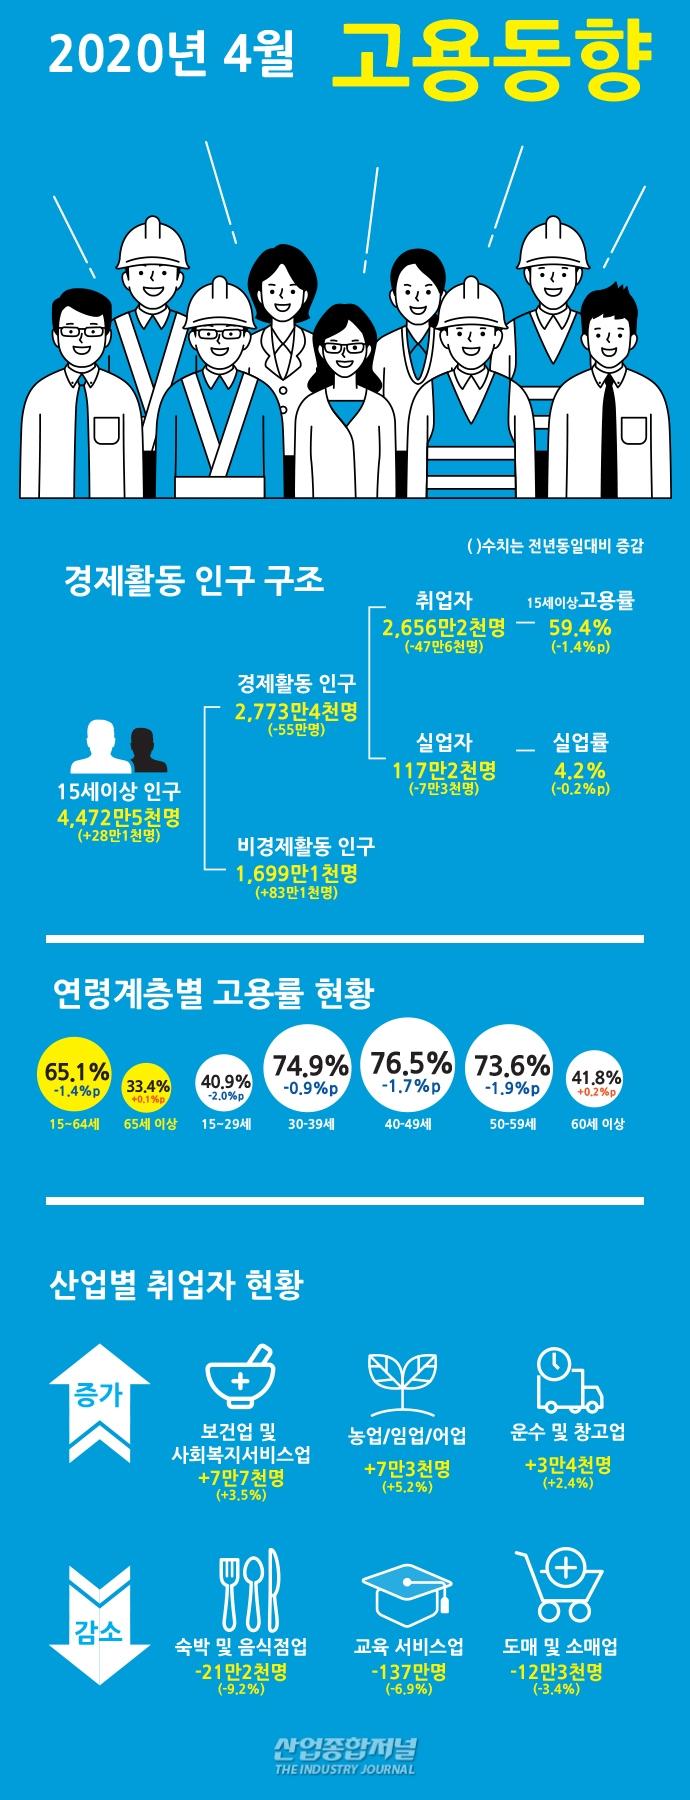 [그래픽뉴스] 15~64세 고용·실업률 ↓ - 산업종합저널 그래픽뉴스